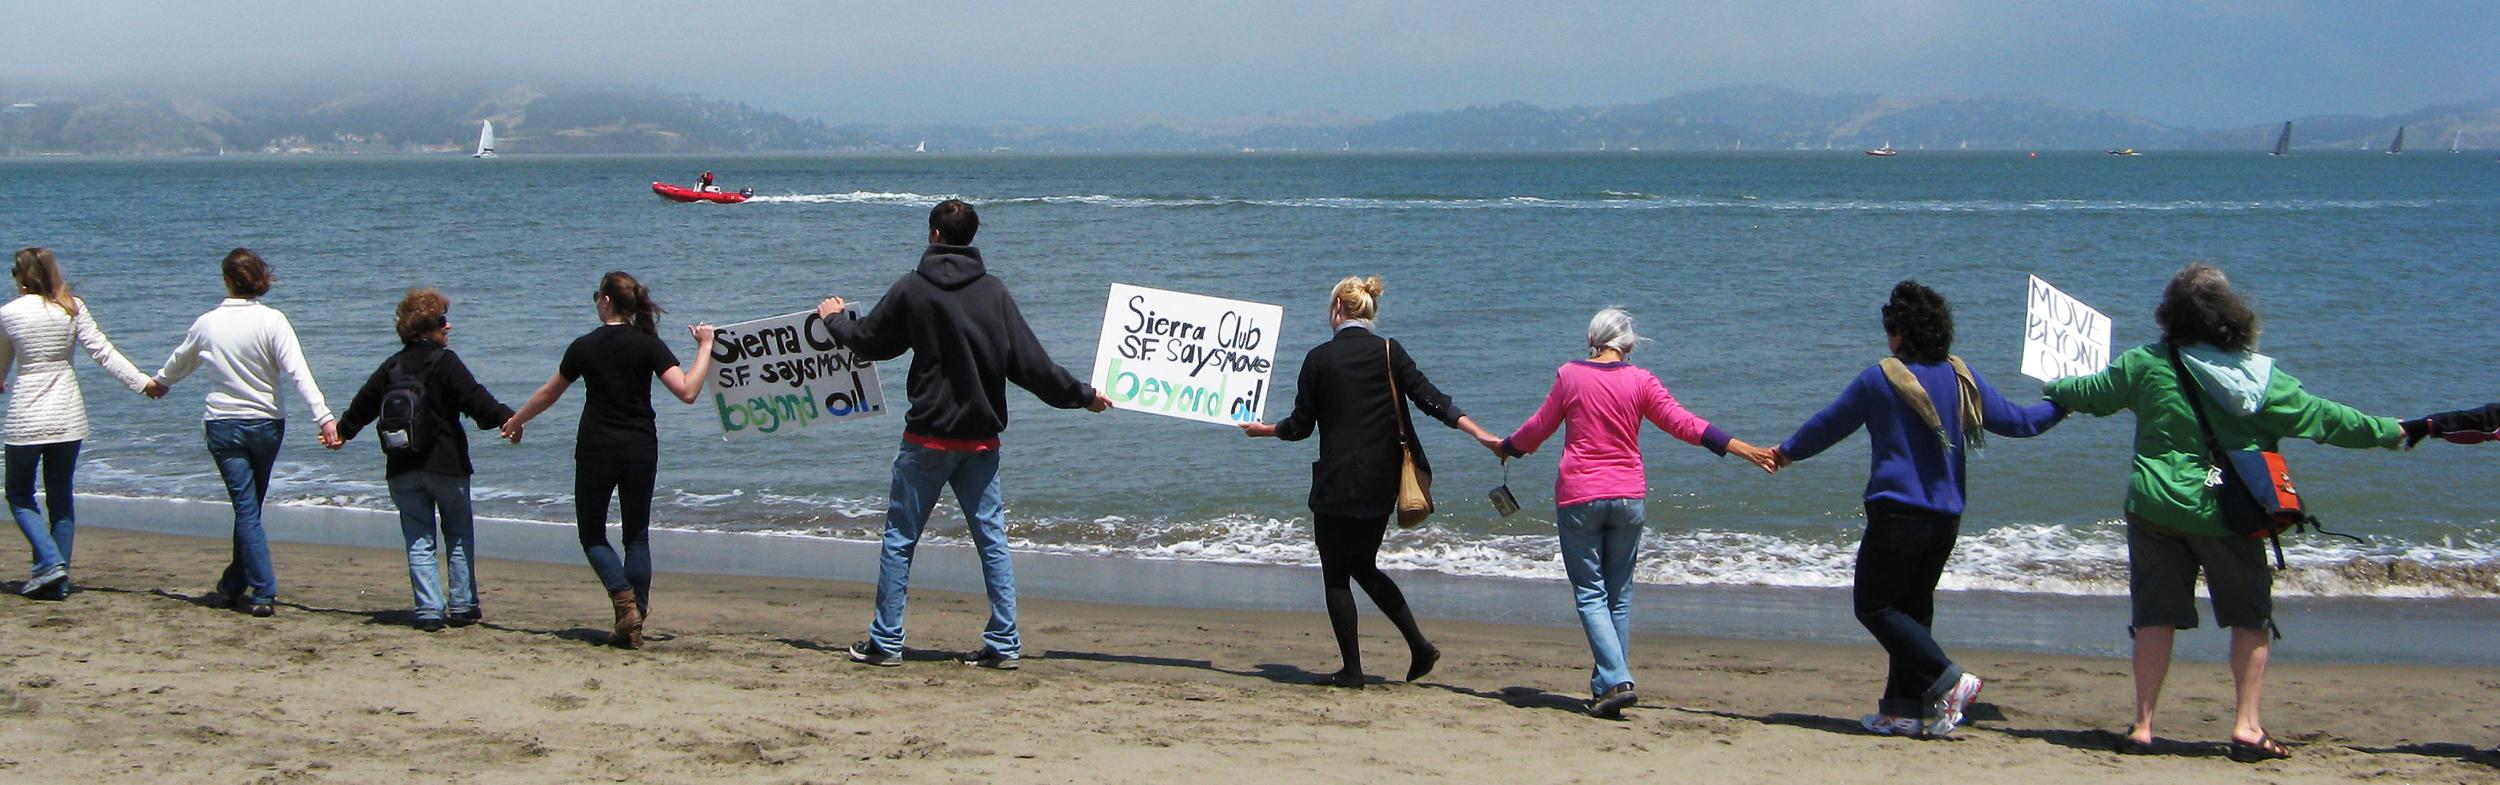 Lauren Alaina og Scotty mccreery dating 2012